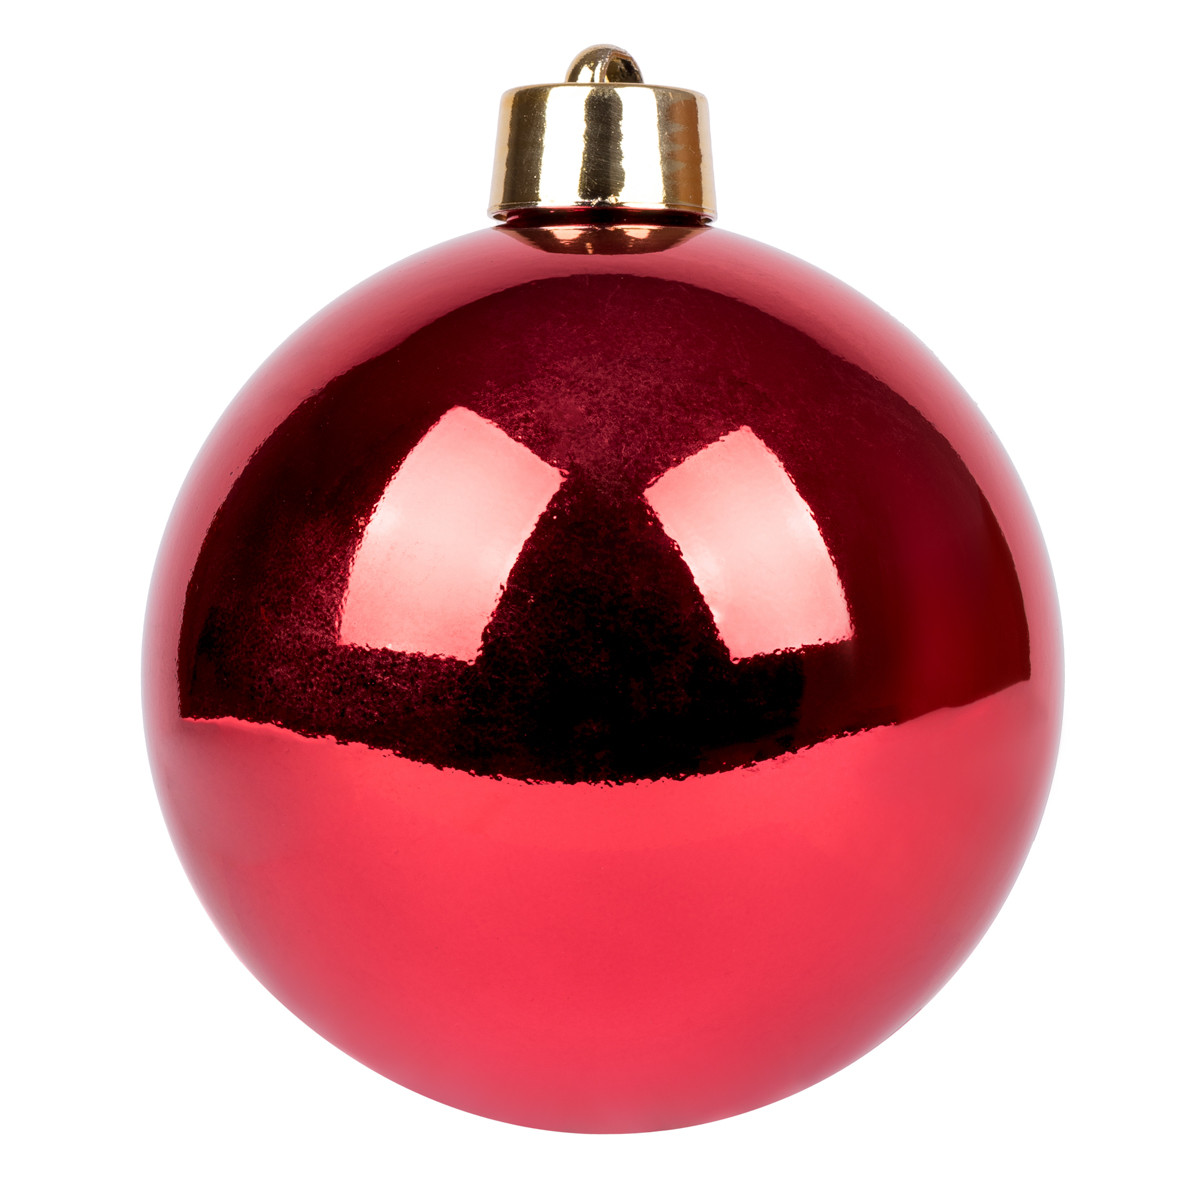 Новогодний шар Novogod'ko, пластик, 30 cм, красный, глянец